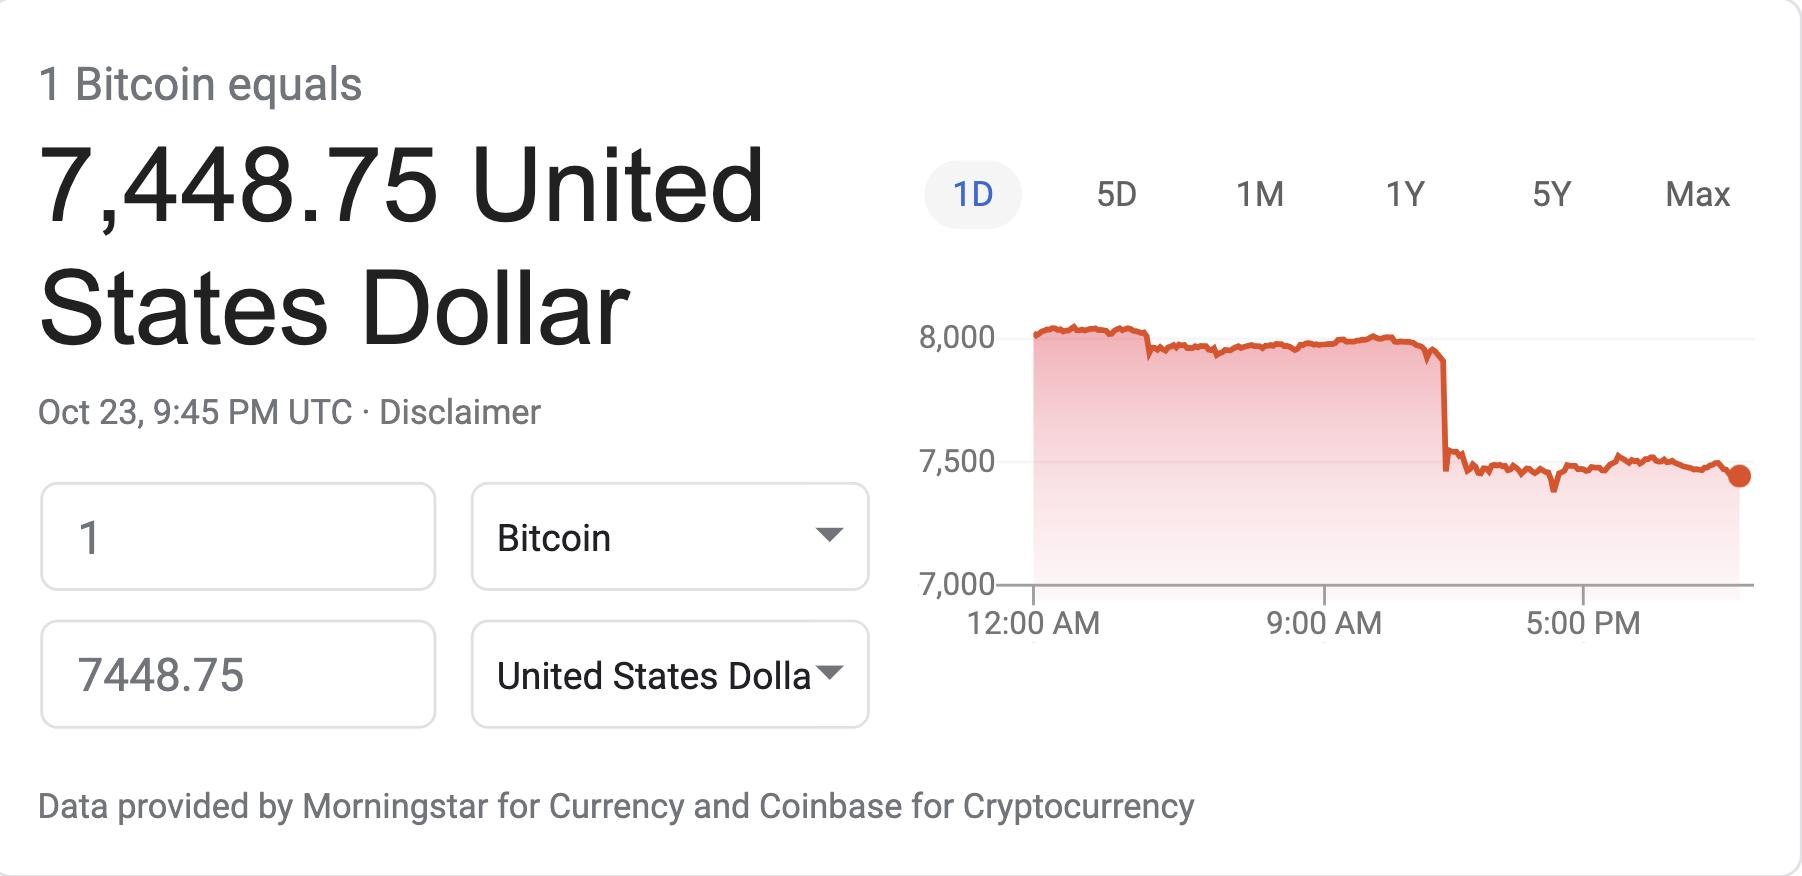 bitcoin 5 day